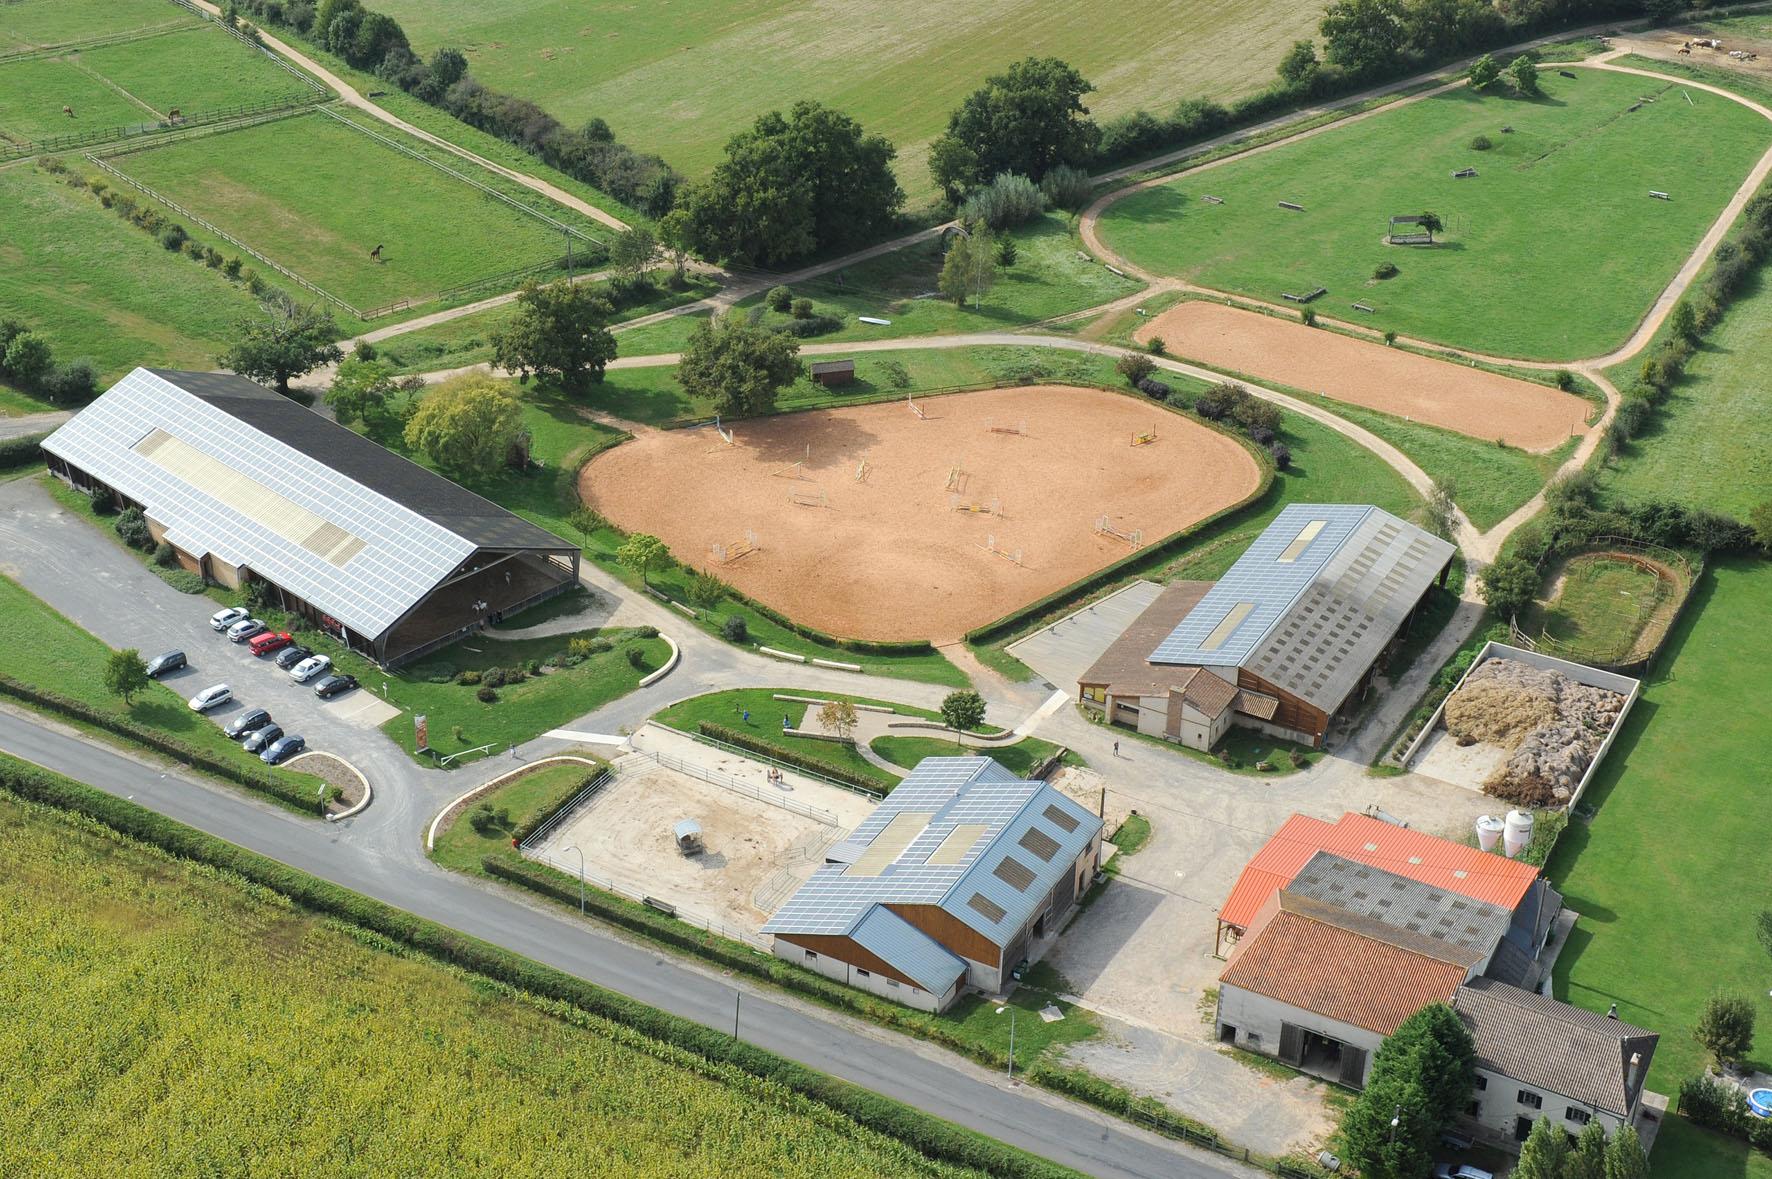 vue aérienne du centre équestre de Lathus